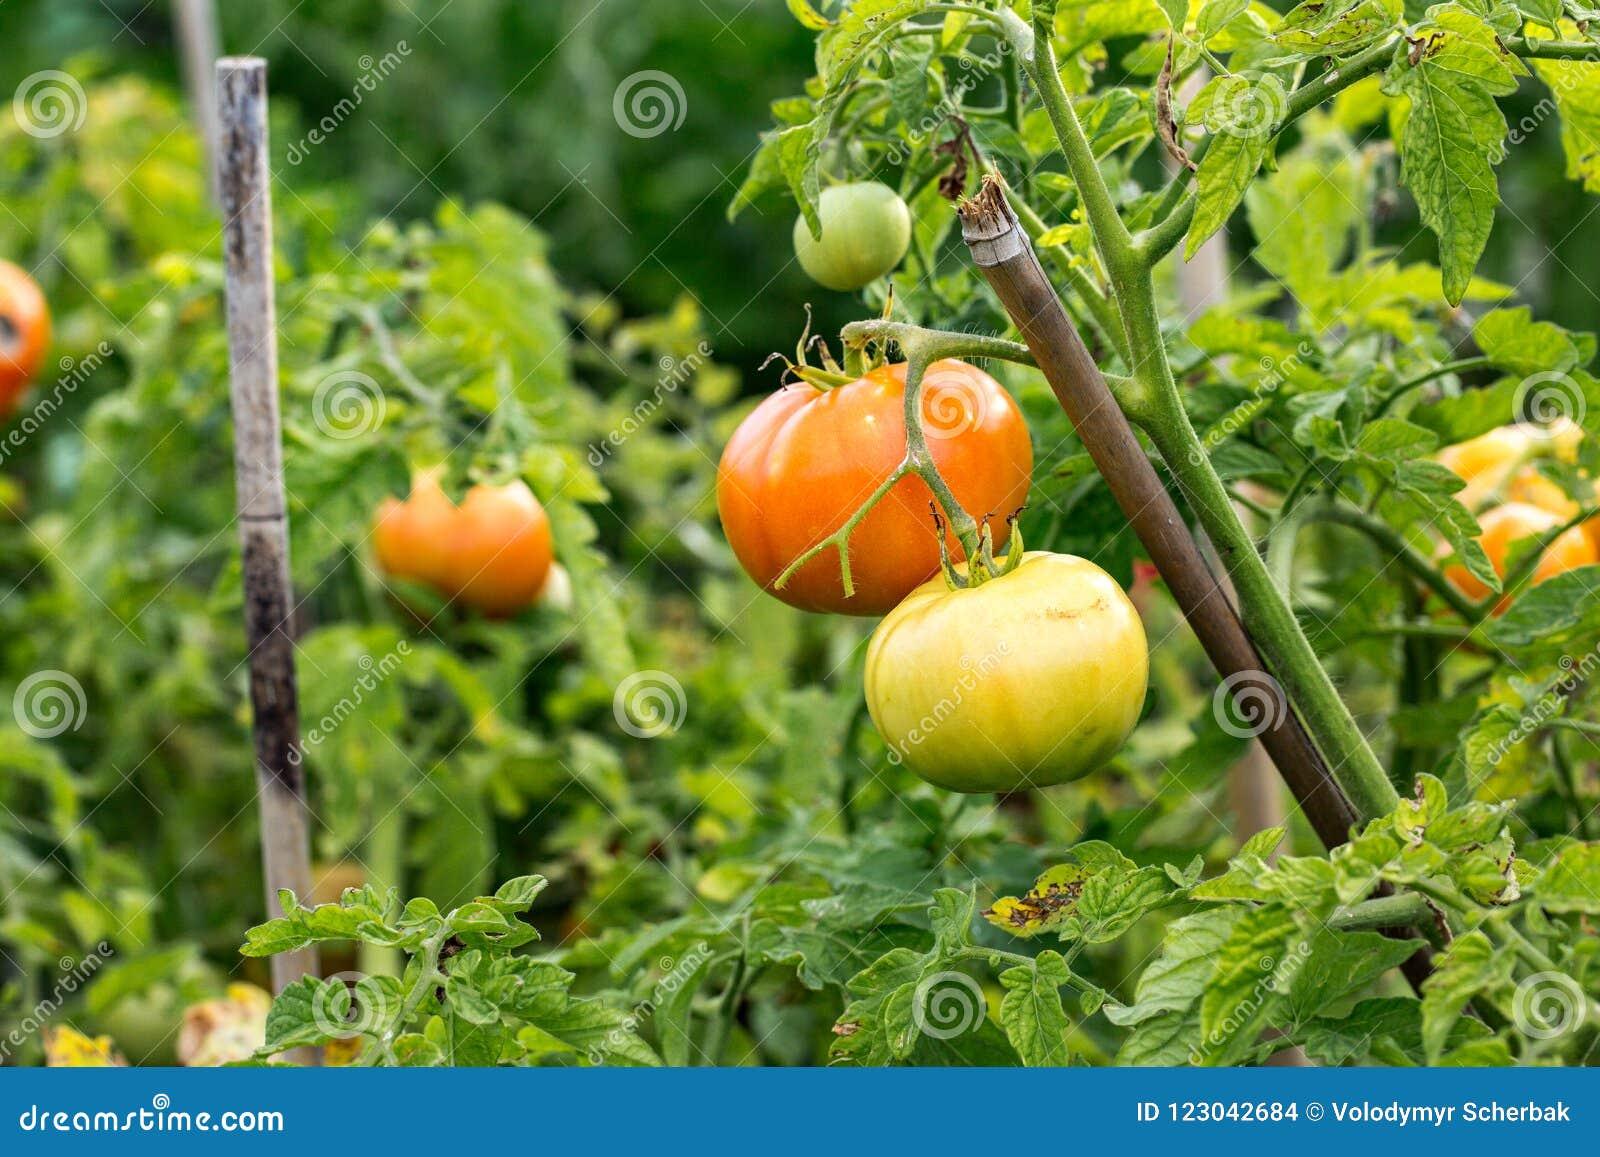 El tomate cantará en una rama